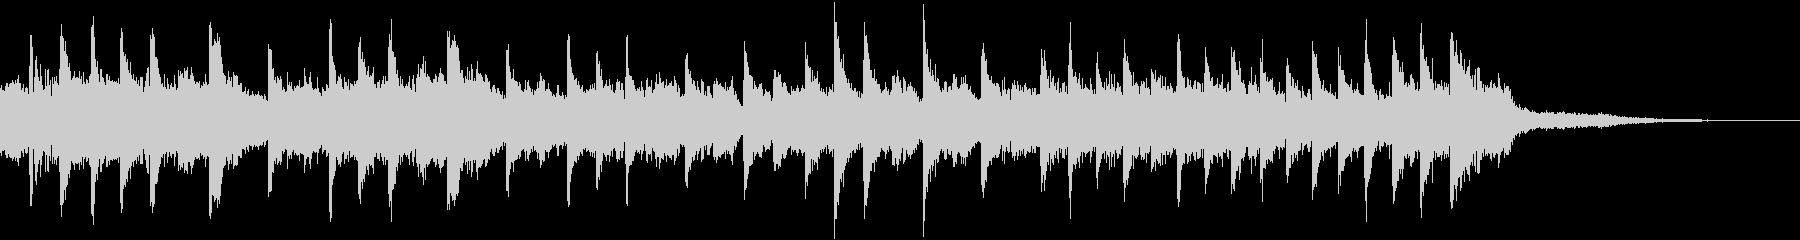 ホラー系アレンジのラフマニノフ「鐘」の未再生の波形